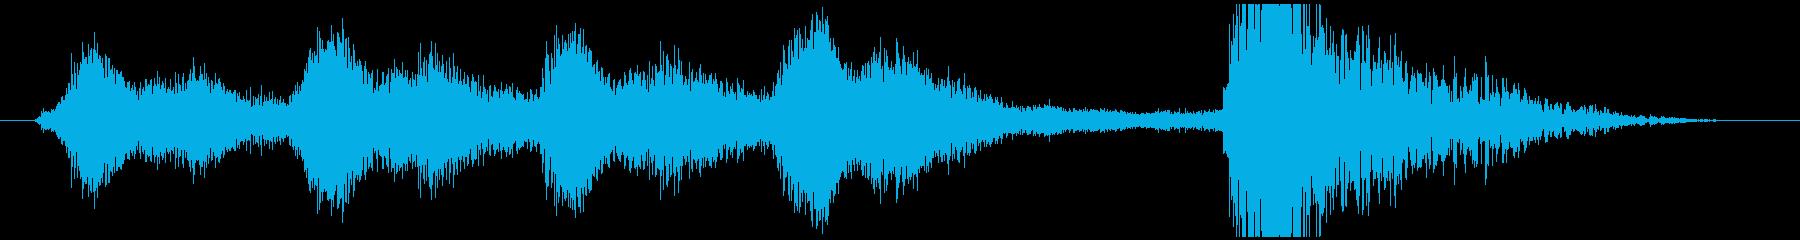 明るいオーケストラジングル short2の再生済みの波形